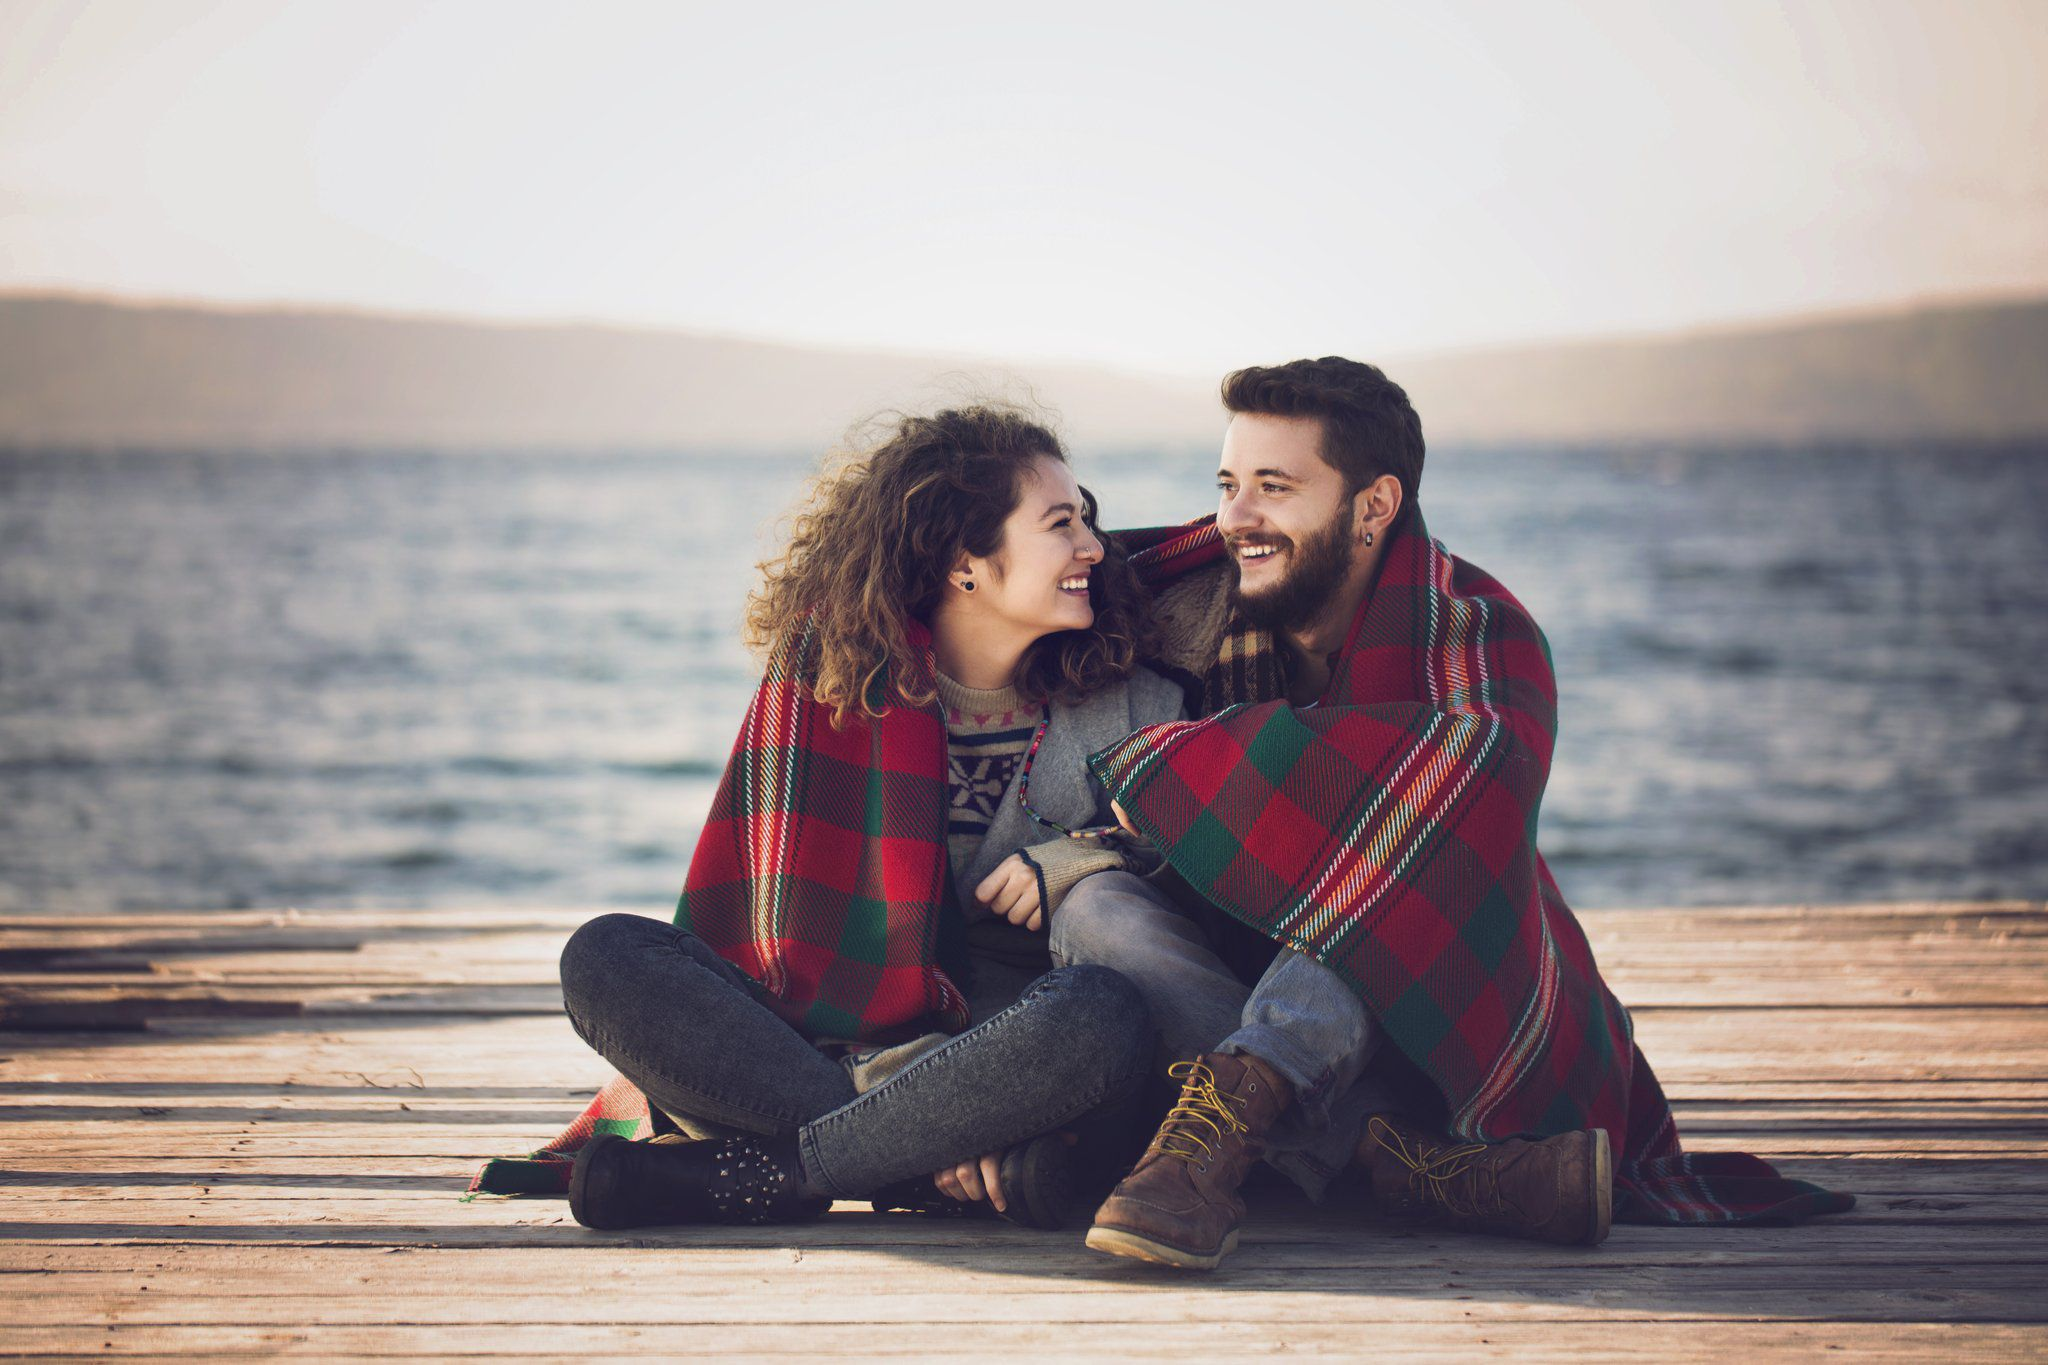 بالصور صور عشاق رومانسيه , اجمل صور الحب الرومانسية 3737 4